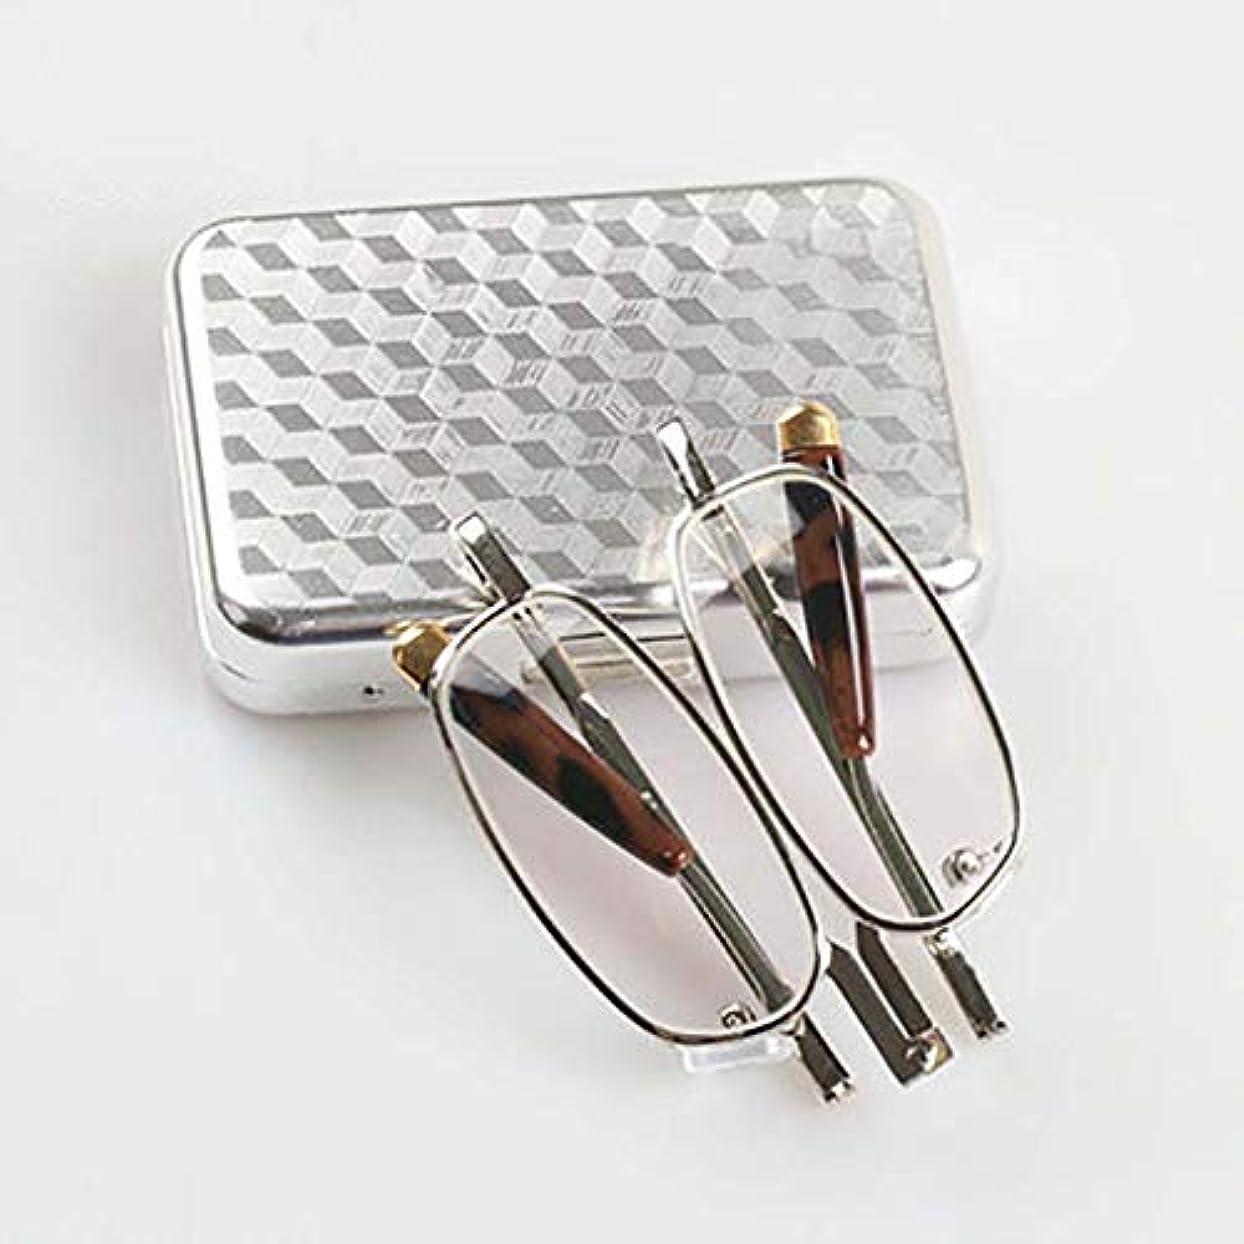 デジタル高く記事折りたたみ老眼鏡,軽量 ポータブル ? リーダー スクエア型の眼鏡ケース ガラス ? レンズ な ユニ-A +1.5